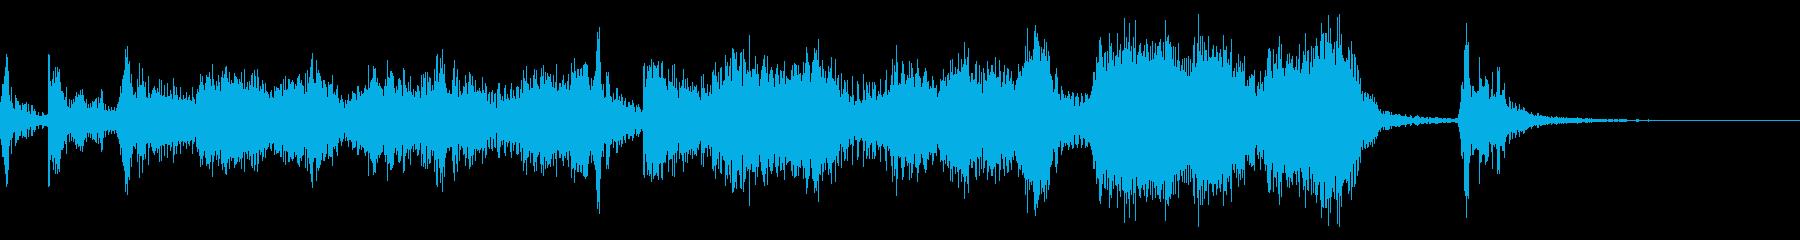 6秒広告用の華やかなビッグバンドジャズの再生済みの波形